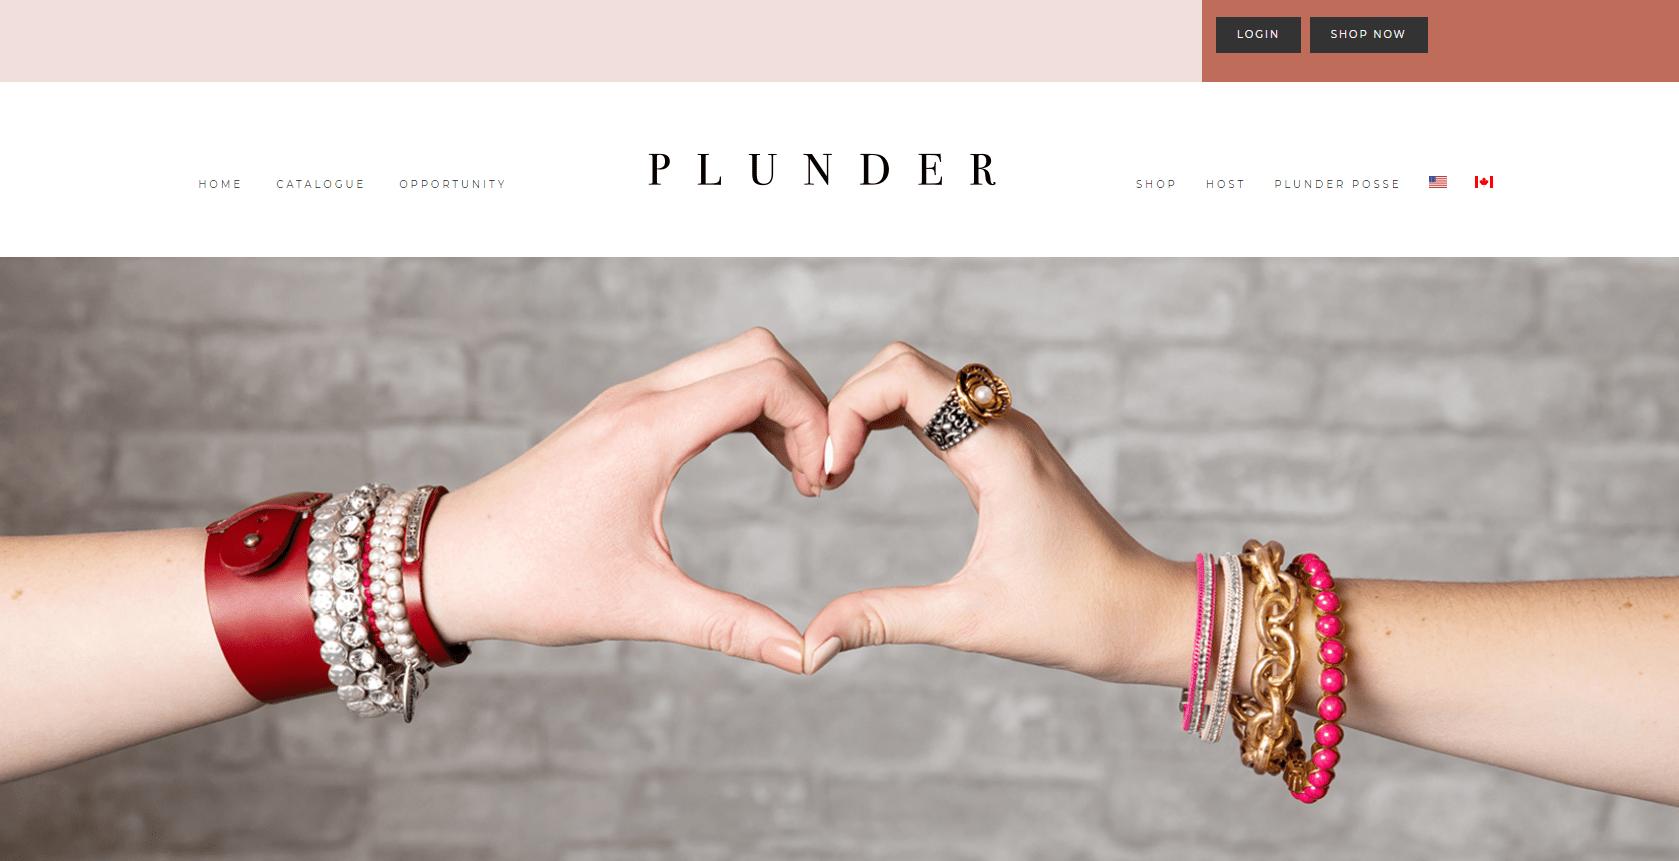 plunder design website